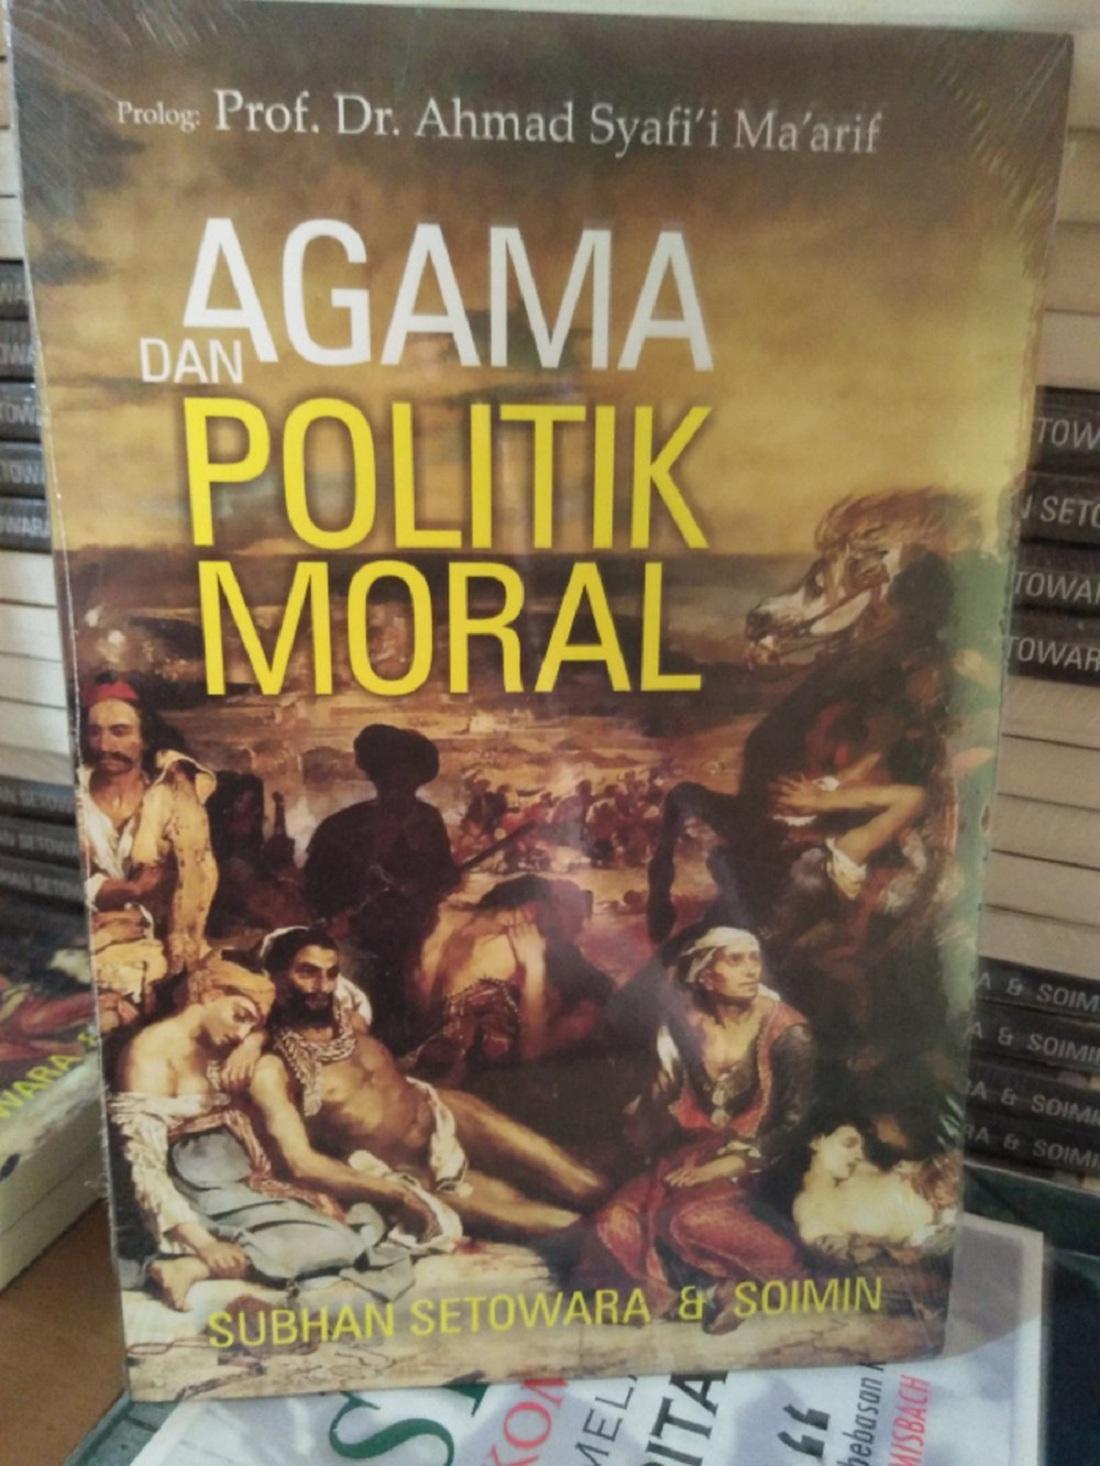 Agama Dan Politik Moral - Subhan S Dkk By Metro Bookstore Malang.